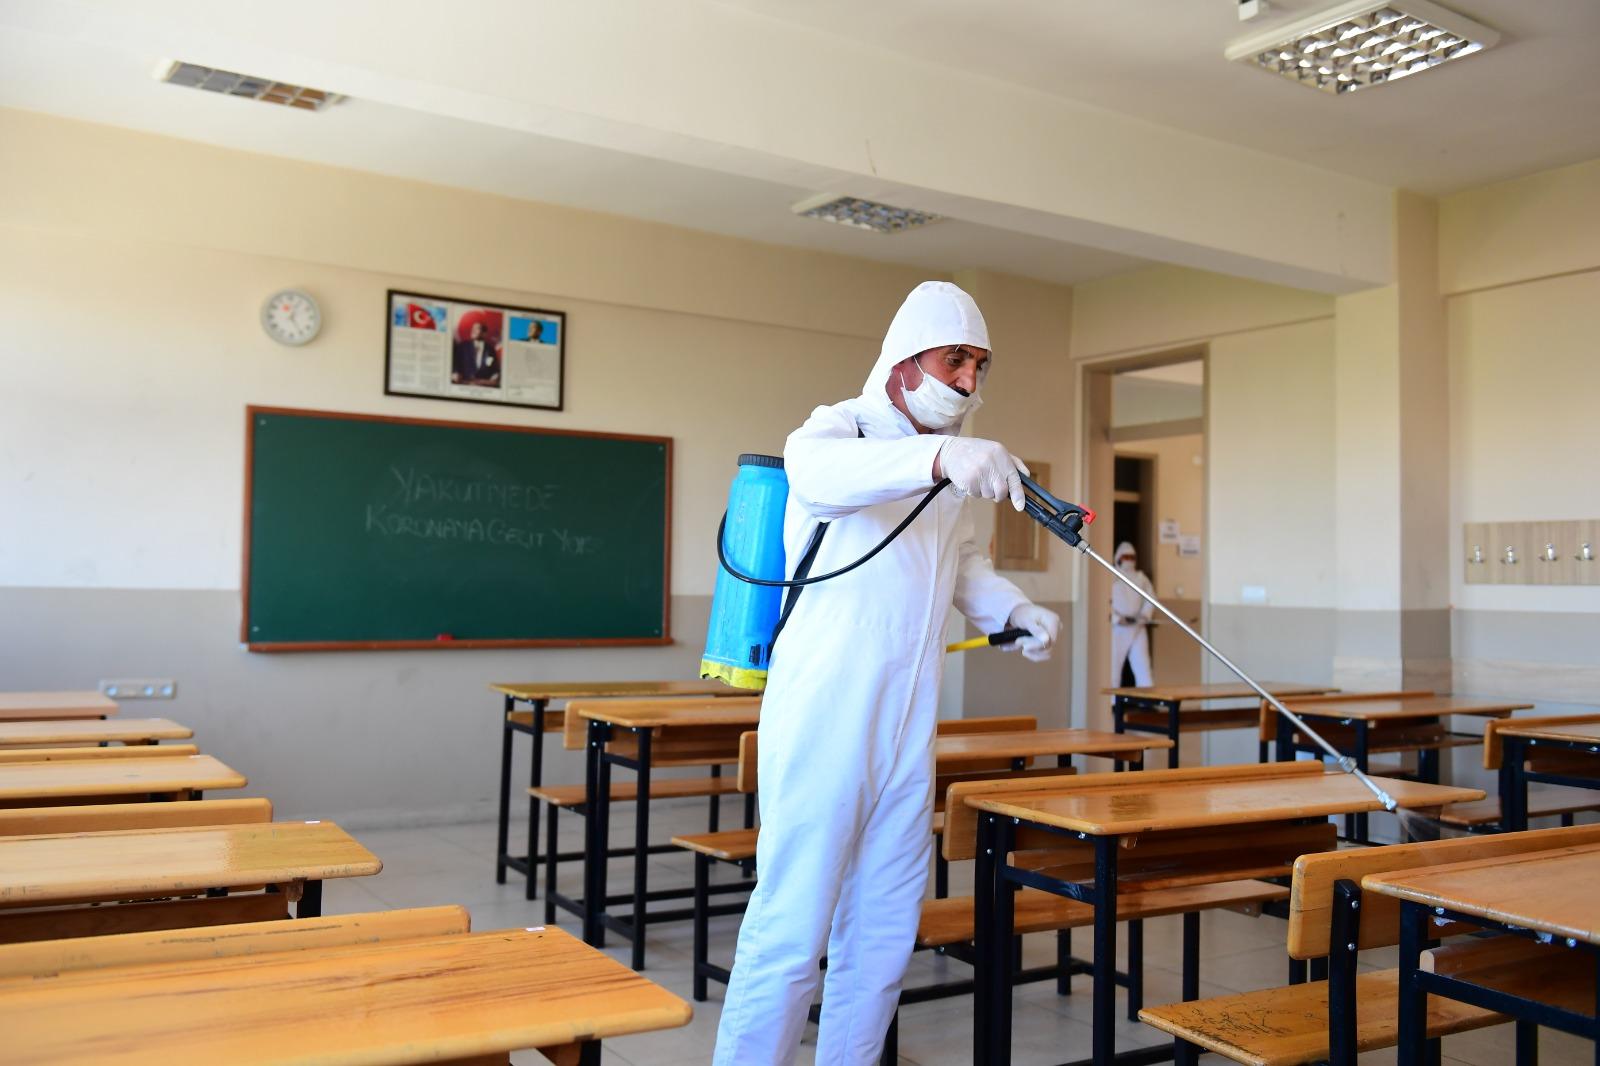 Yakutiye'de Dezenfeksiyon İşlemleri Hız Kesmiyor